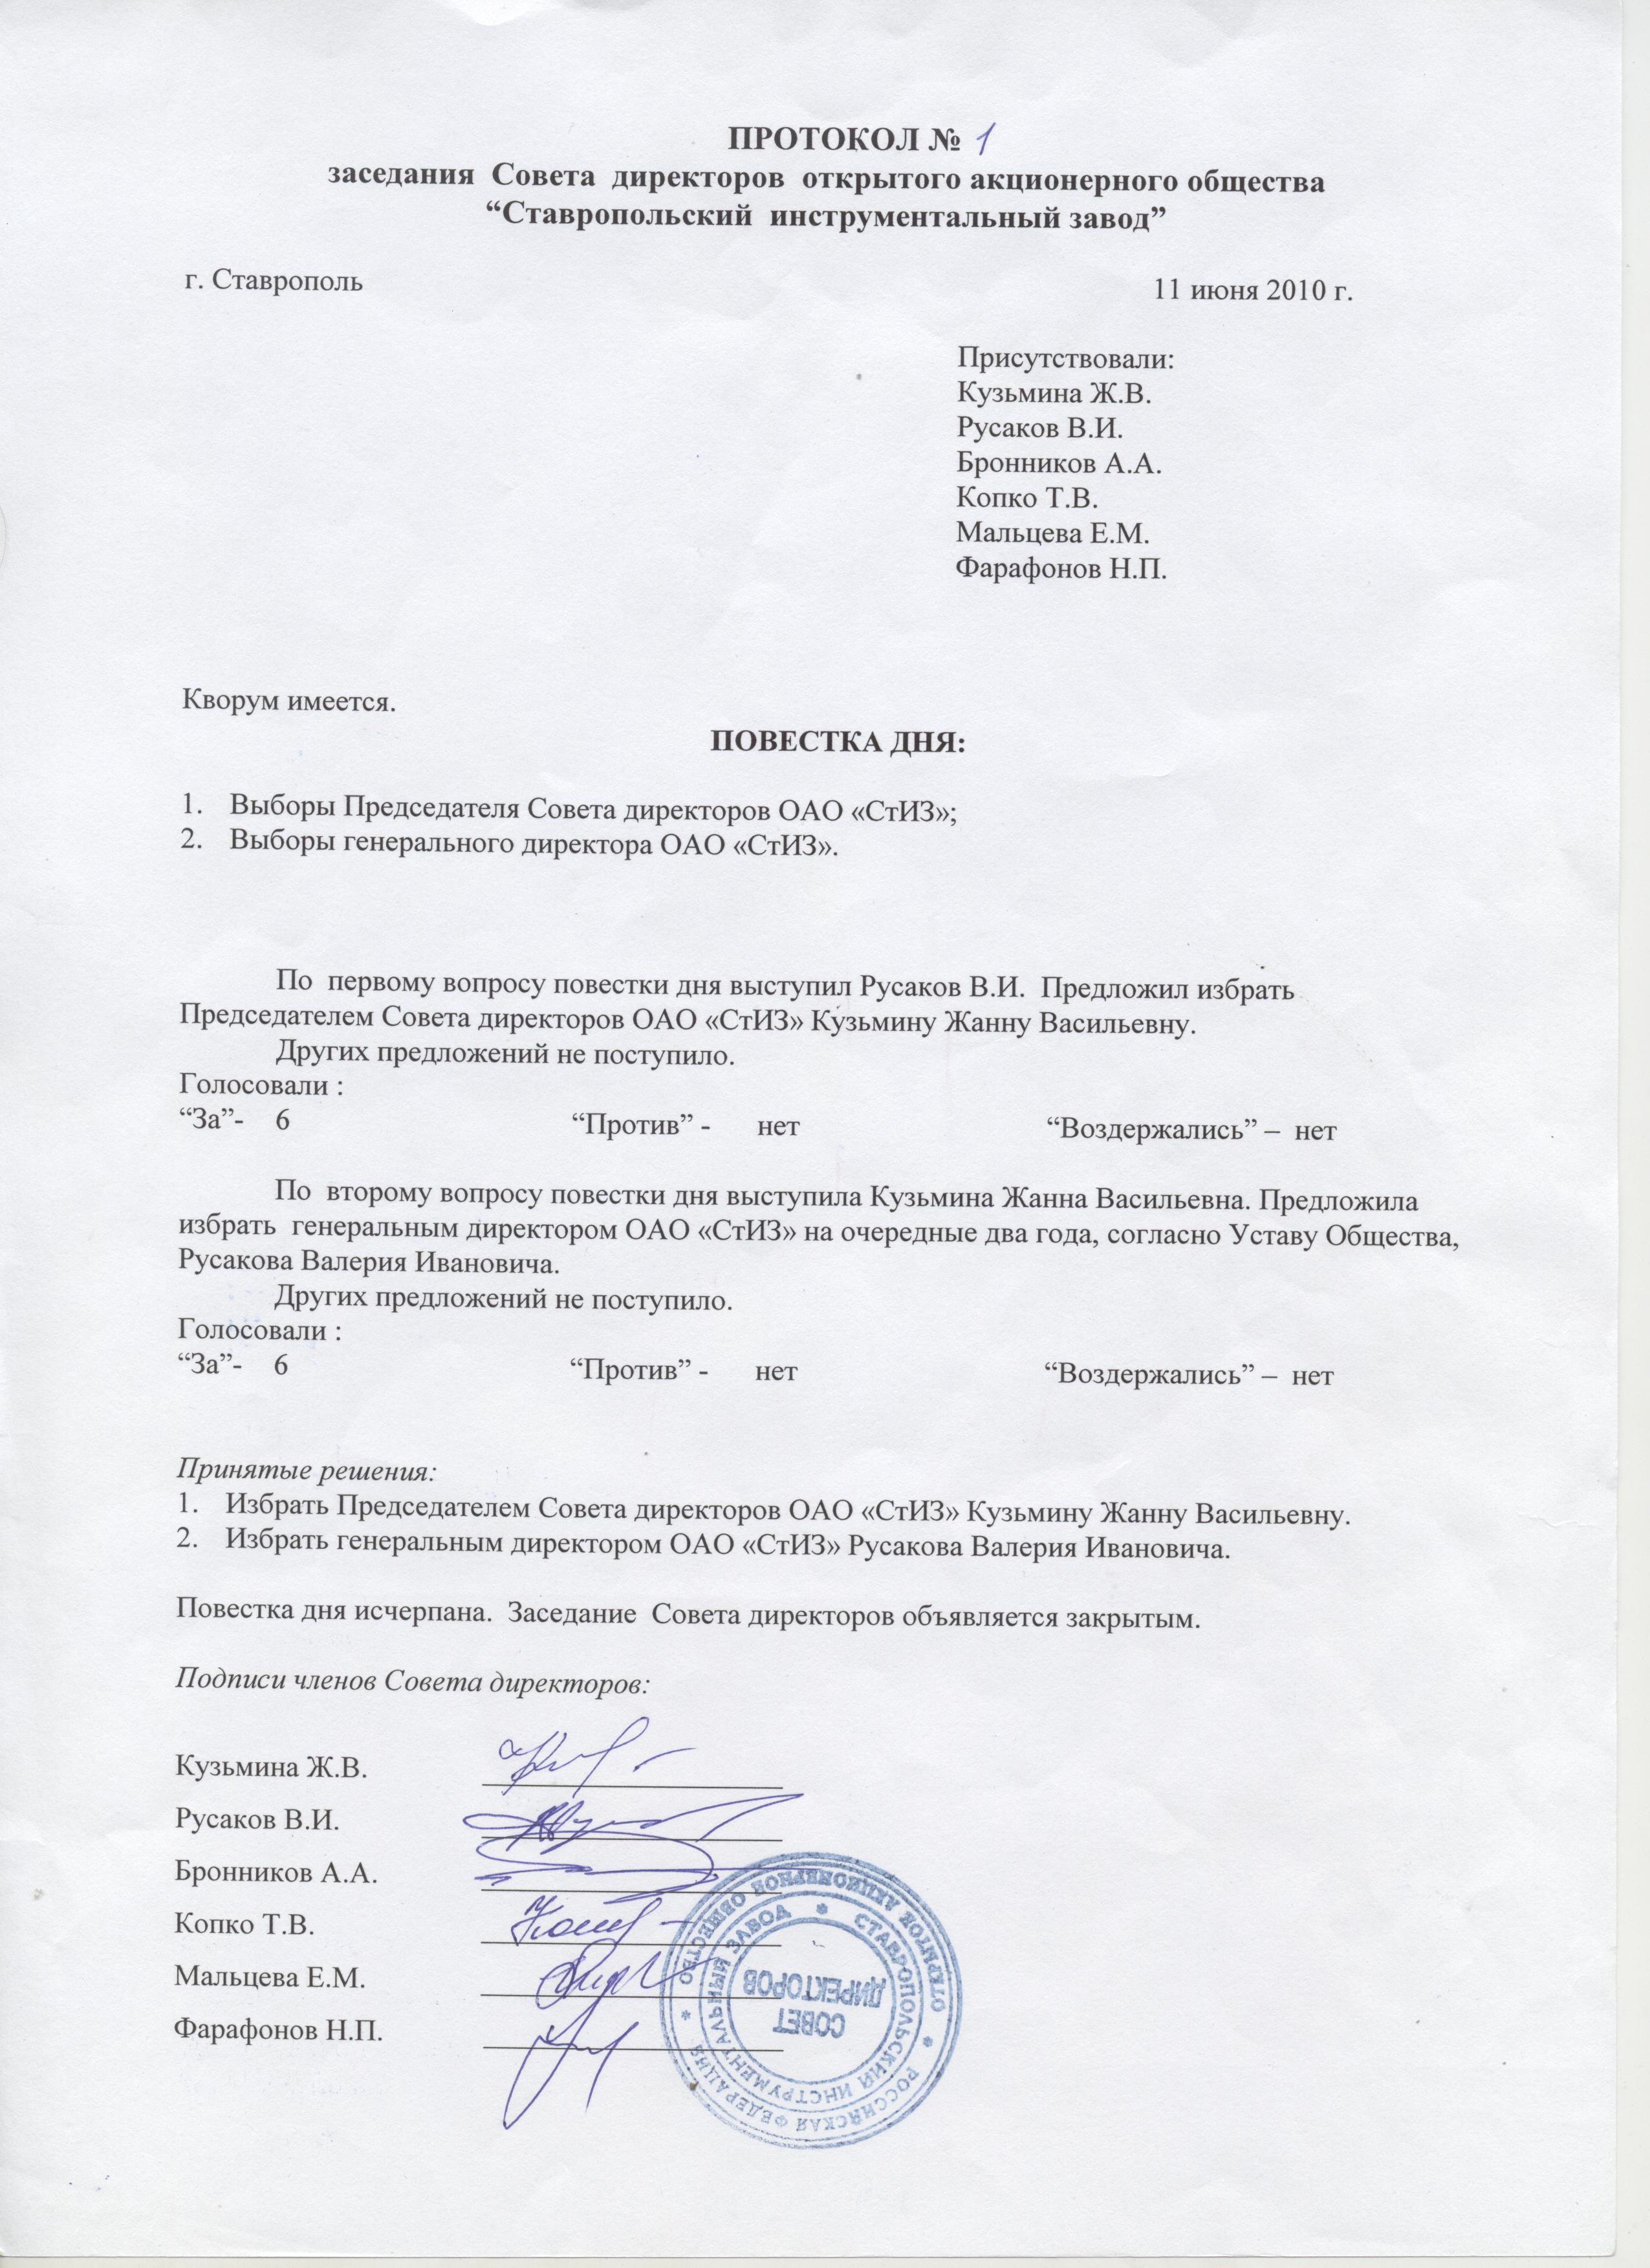 Протокол решения учредителей о назначении директора истощило